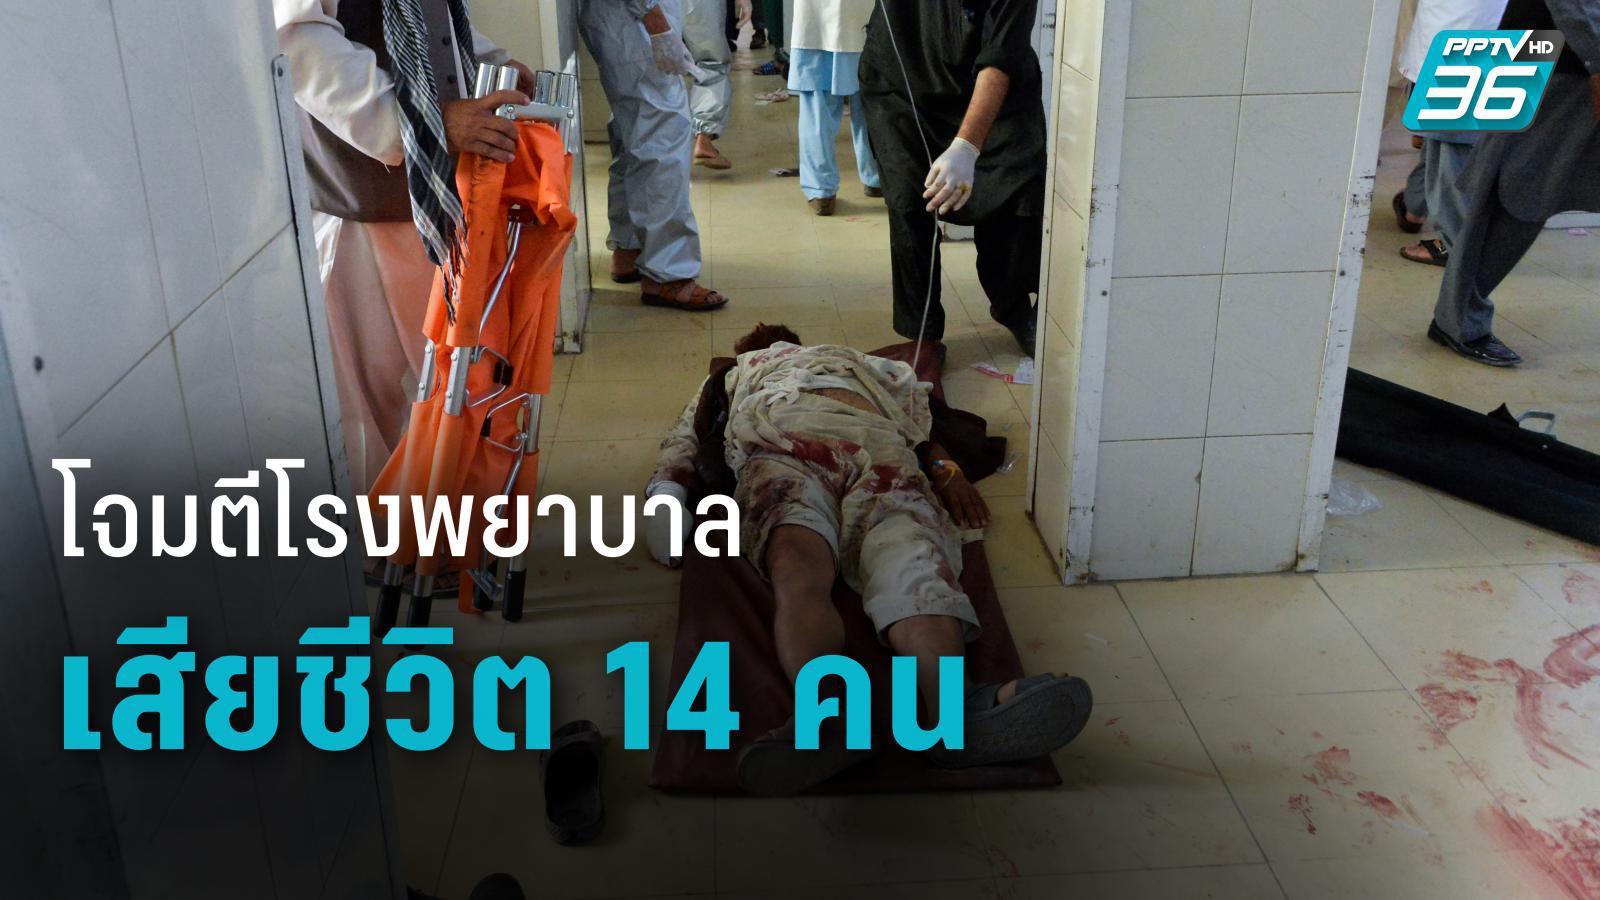 โจมตีโรงพยาบาลในอัฟกานิสถาน เสียชีวิต 14 คน